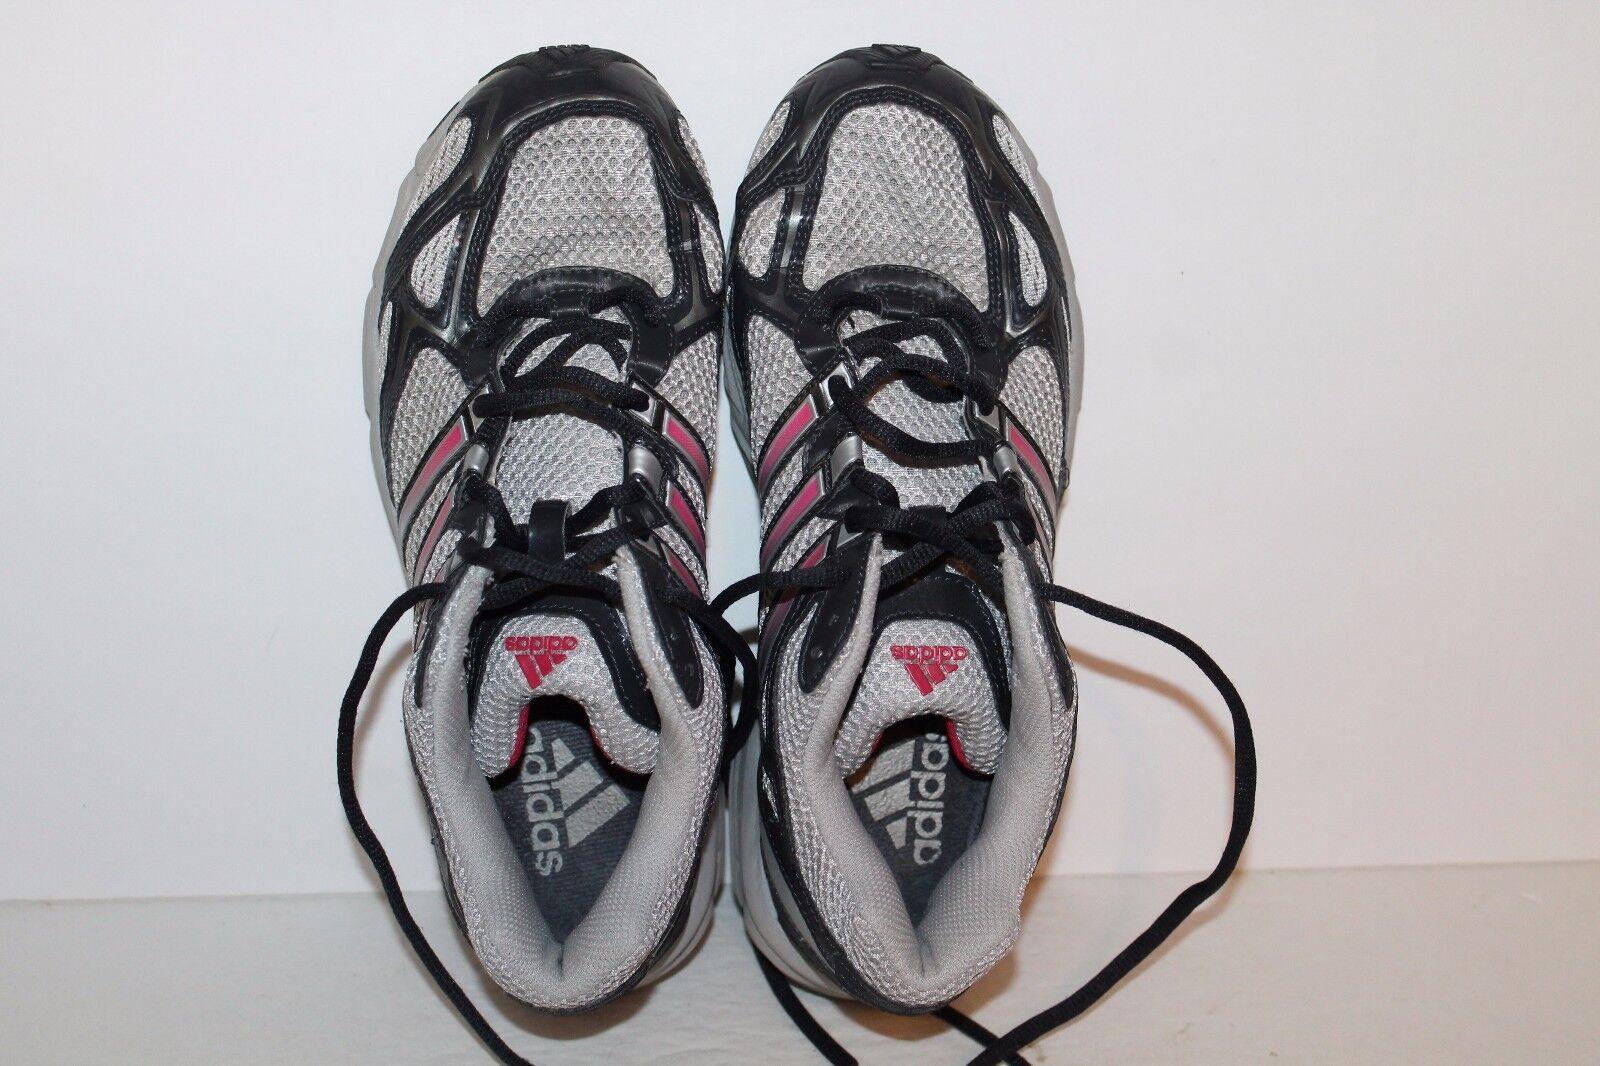 adidas des des des chaussures de course, Gris  / marine / rose, la taille de 7,5 à nous | Vendre Prix  2336c4